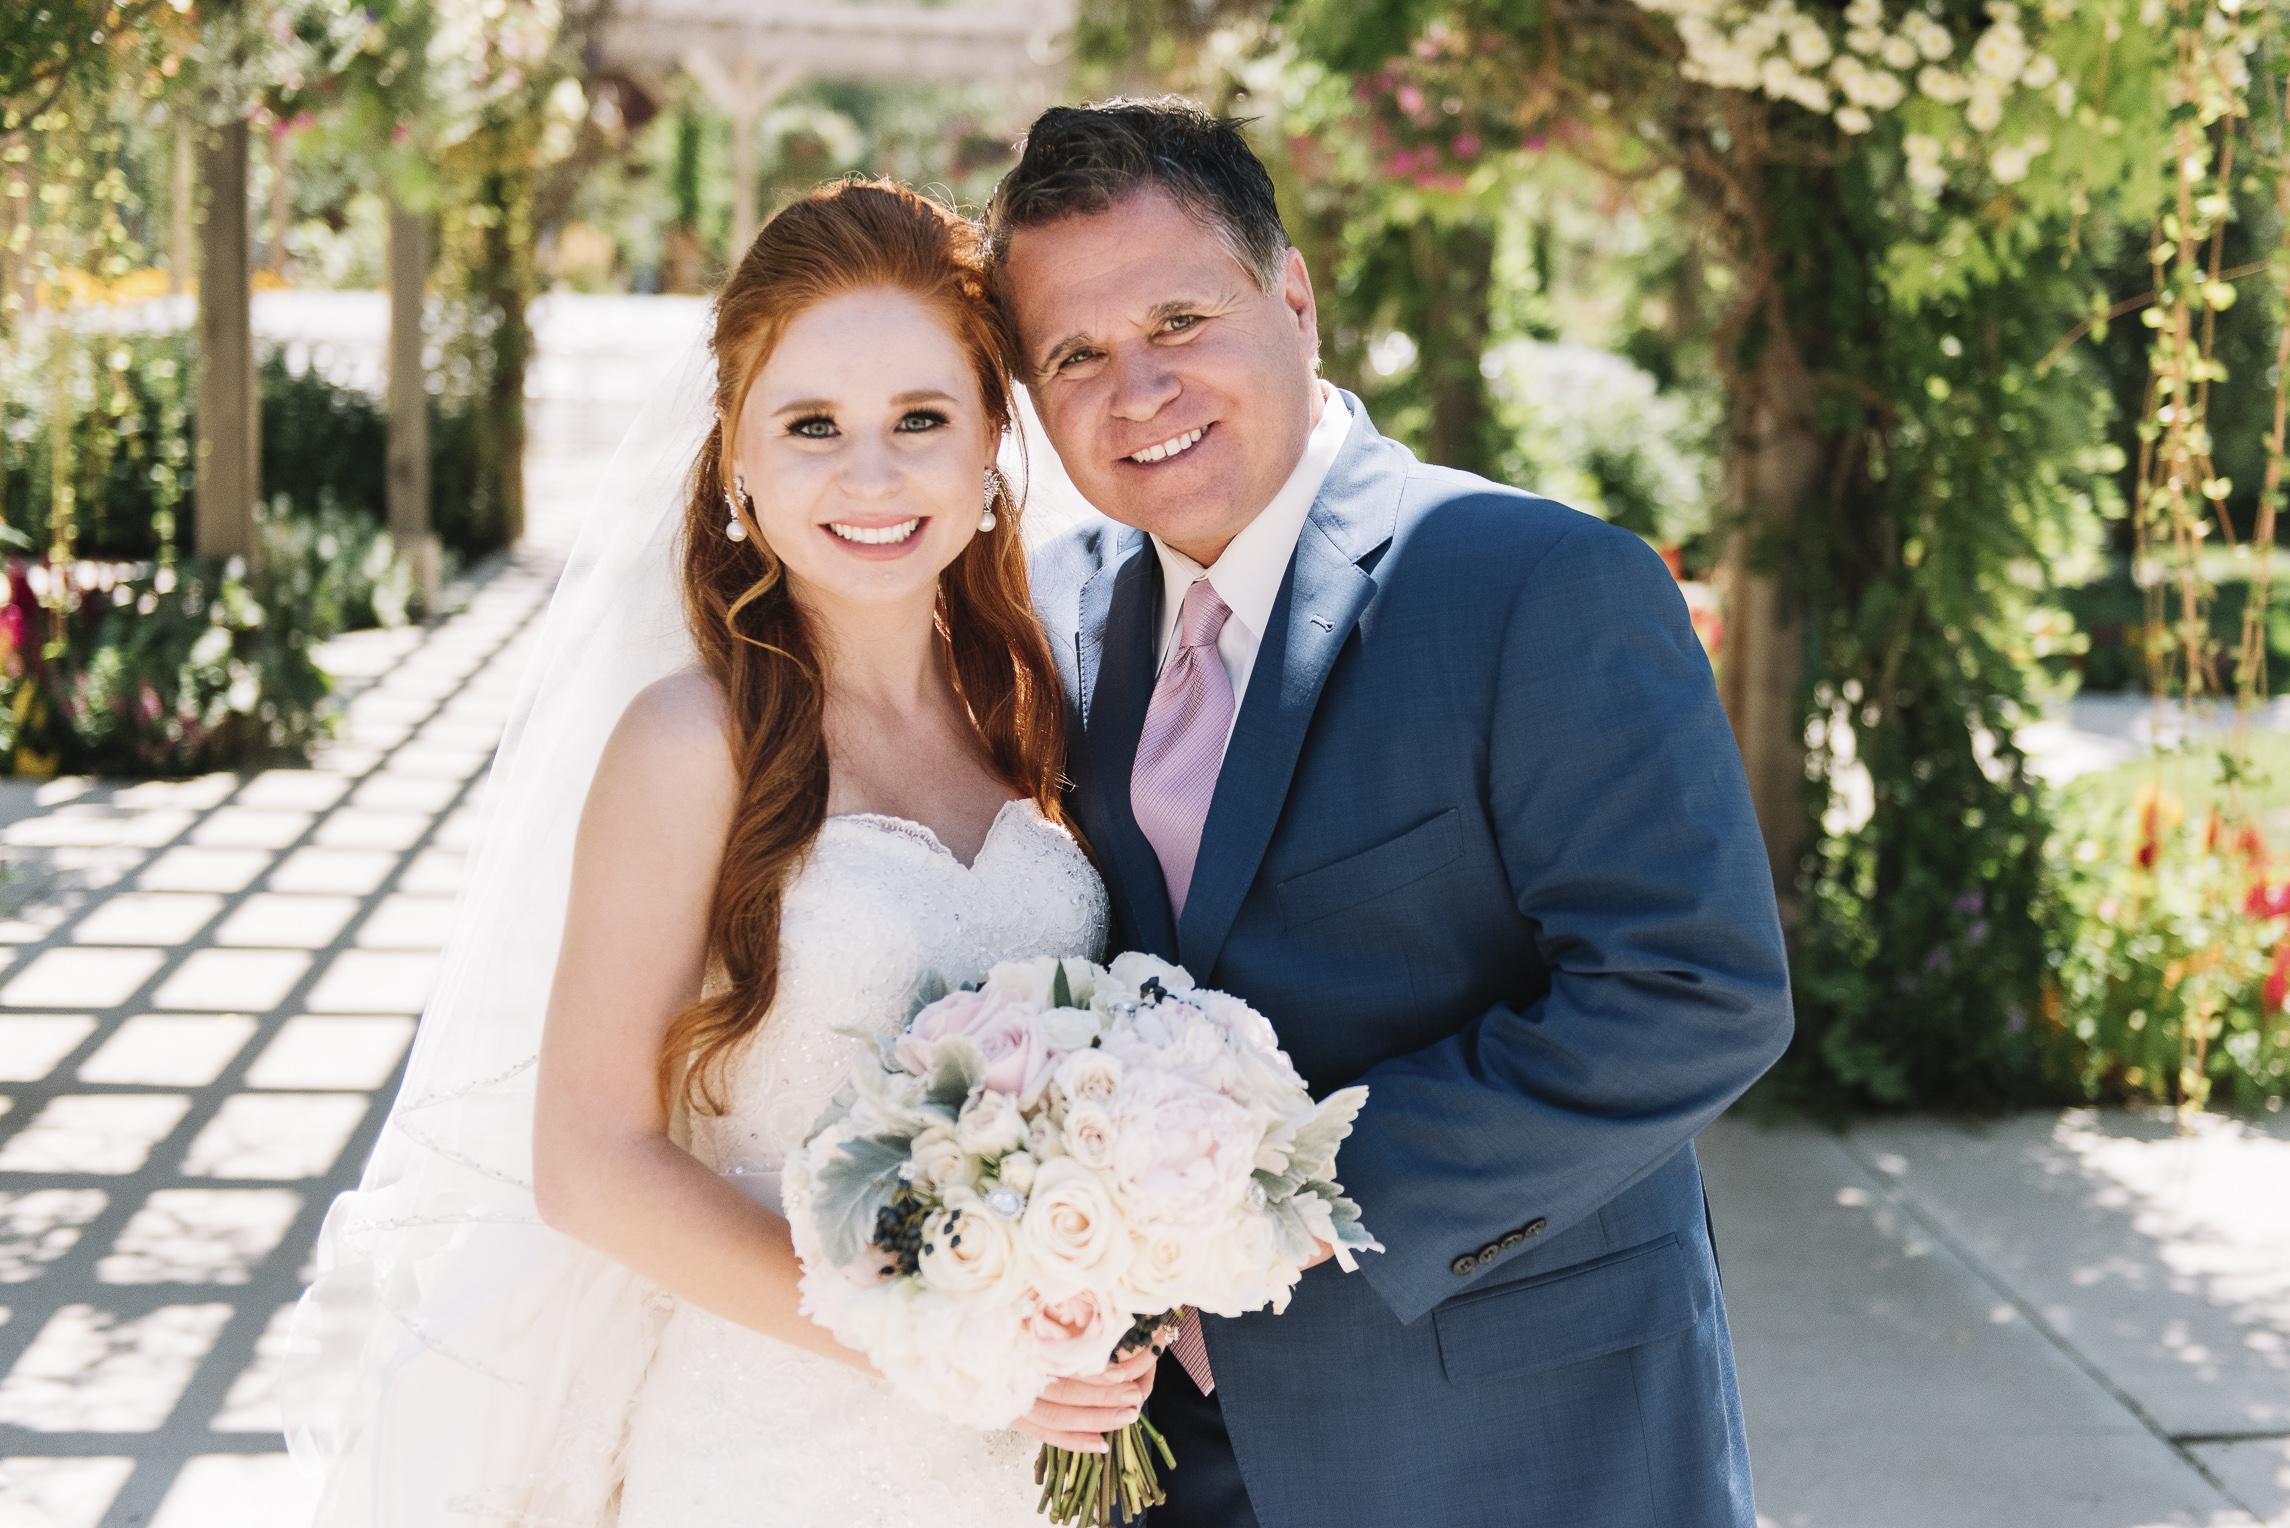 web sized images -- no to print --CALVIN & MCKYLEY WEDDING PHOTOS - COLORADO PHOTOGRAPHER - DEBI RAE PHOTOGRAPHY-485.jpg